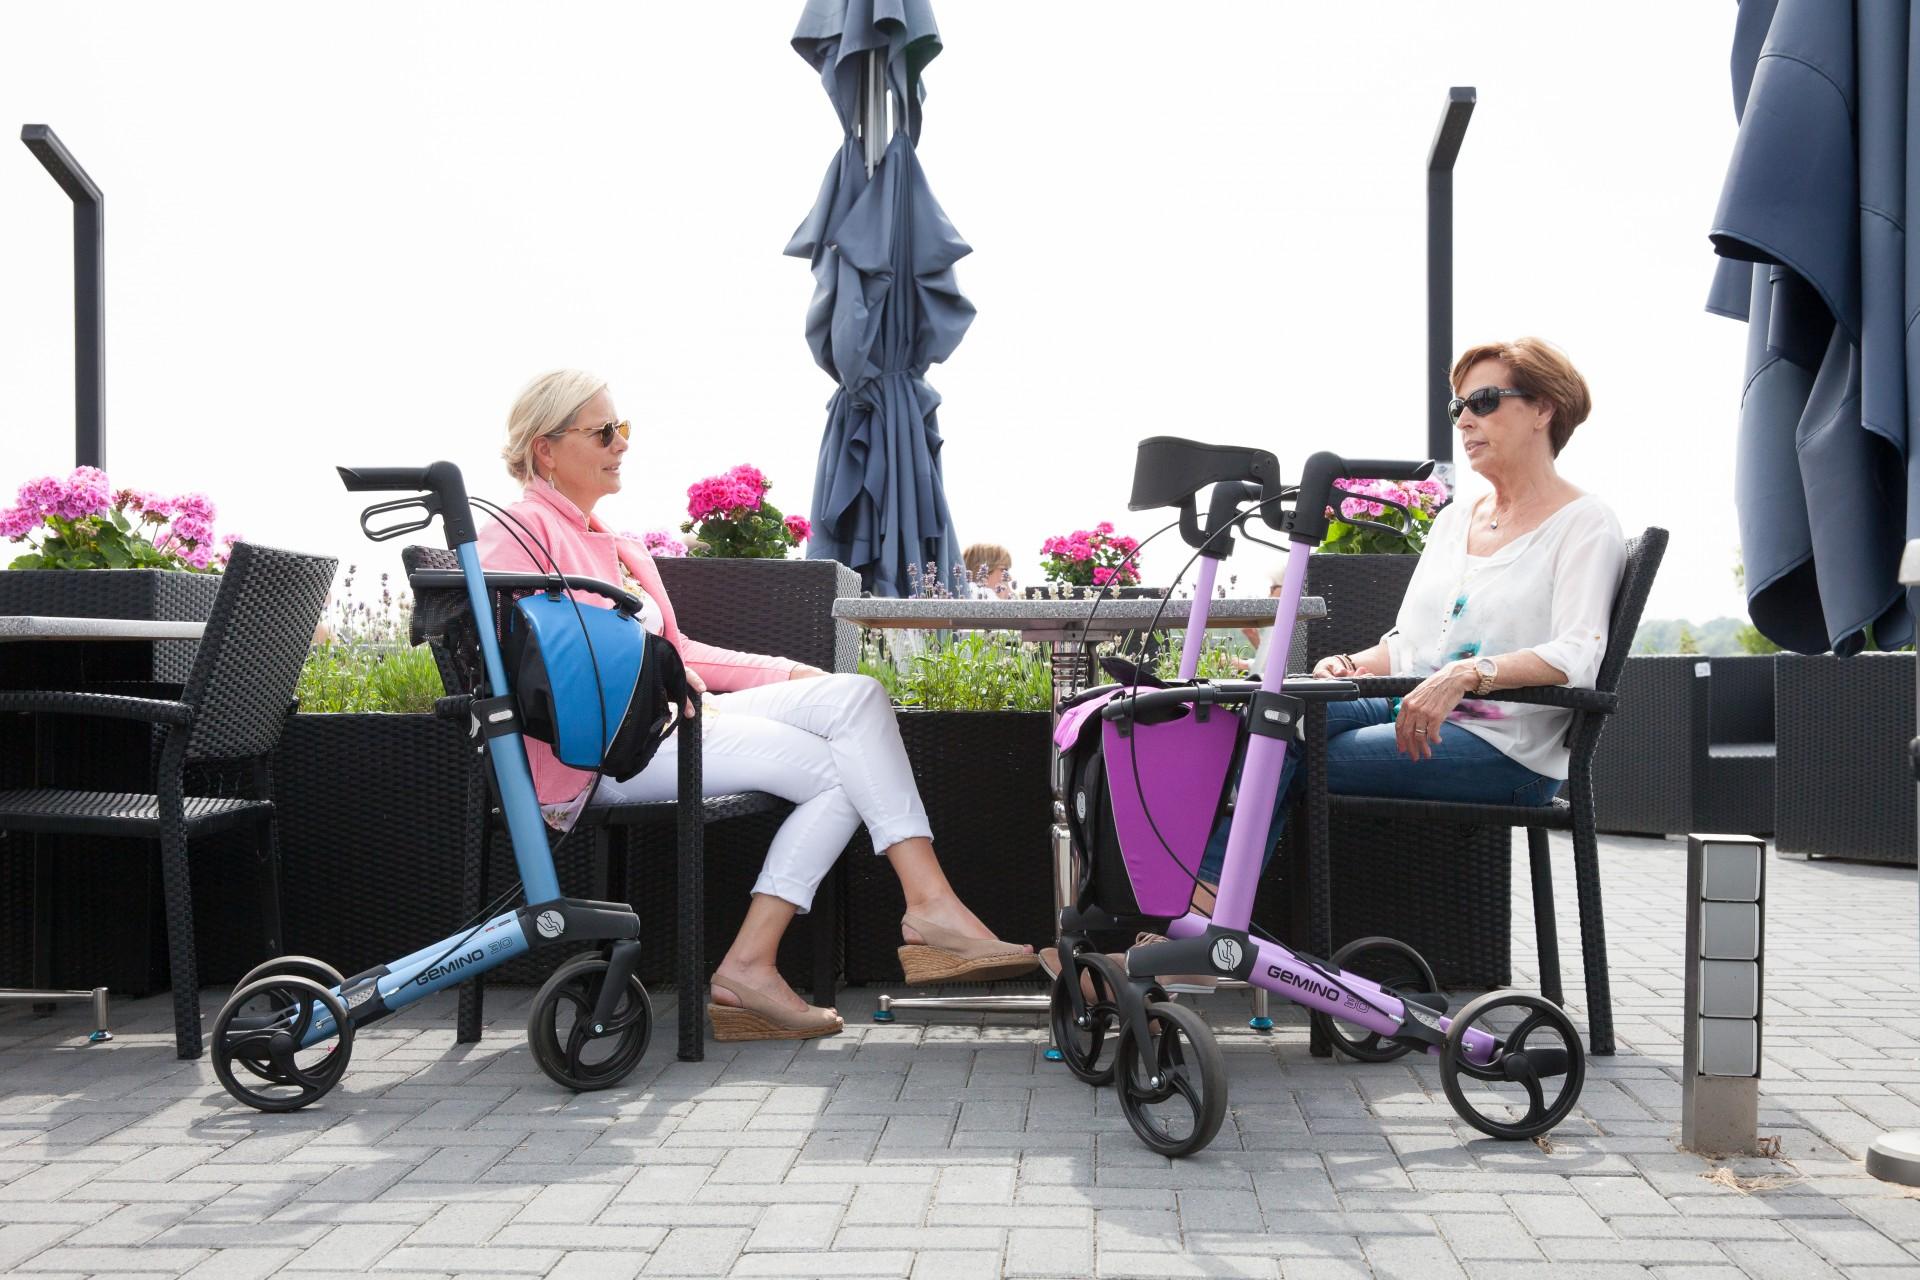 Gemino 30 rollators van Sunrise Medical in roze and blauw met tas en rugsteun